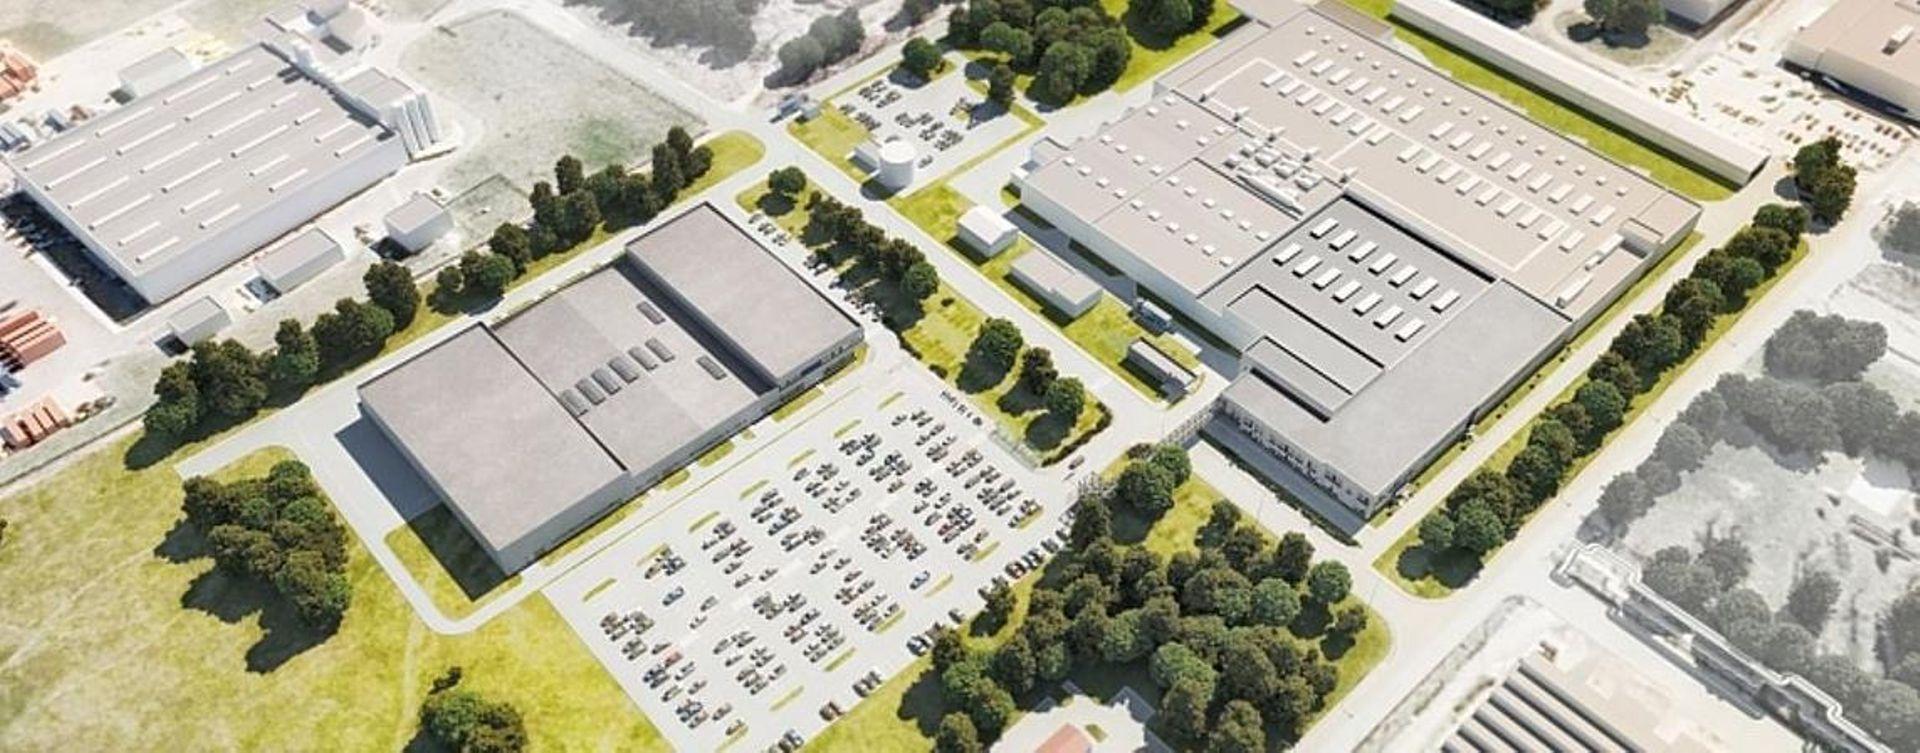 Aglomeracja Wrocławska: Ruszyła rozbudowa fabryki Autoliv w Jelczu-Laskowicach